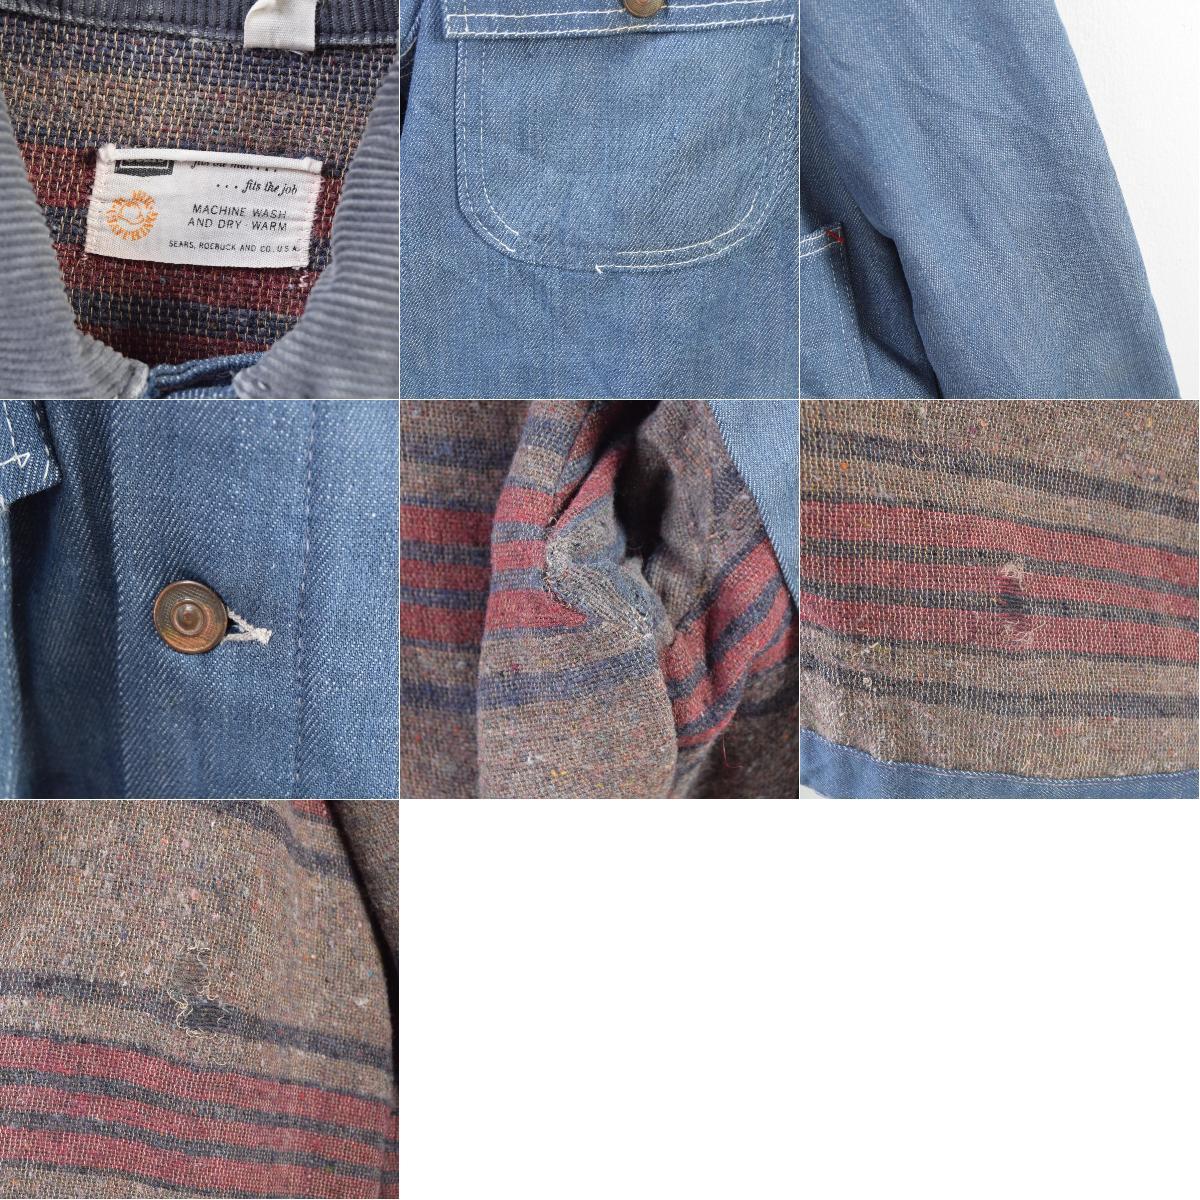 60年代 シアーズ Sears バッドダイ デニムカバーオール メンズL ヴィンテージwbd5181190425VTGws2001CS2001oQdWBxerC